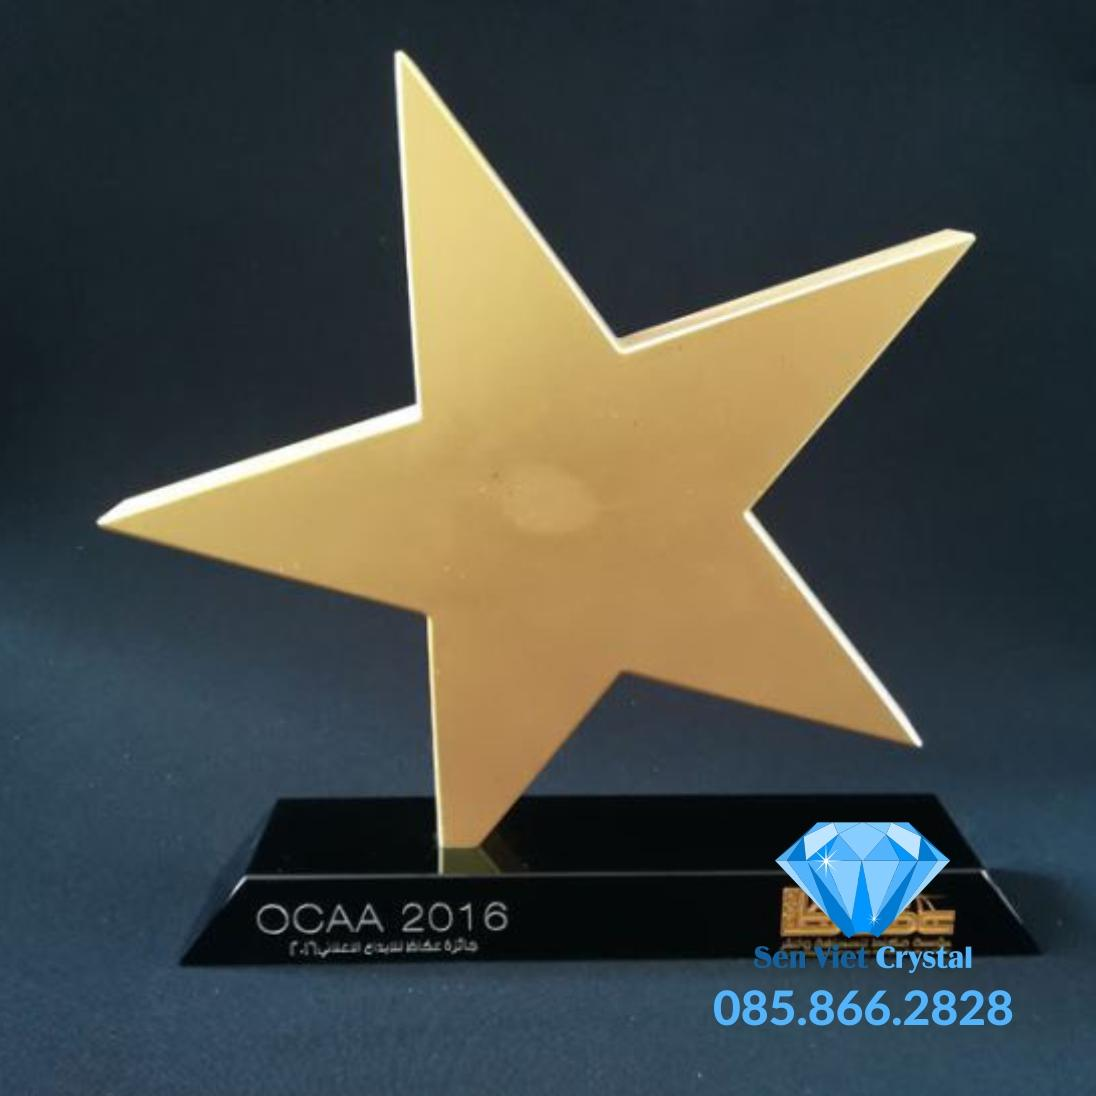 Kỷ niệm chương pha lê ngôi sao vàng M03